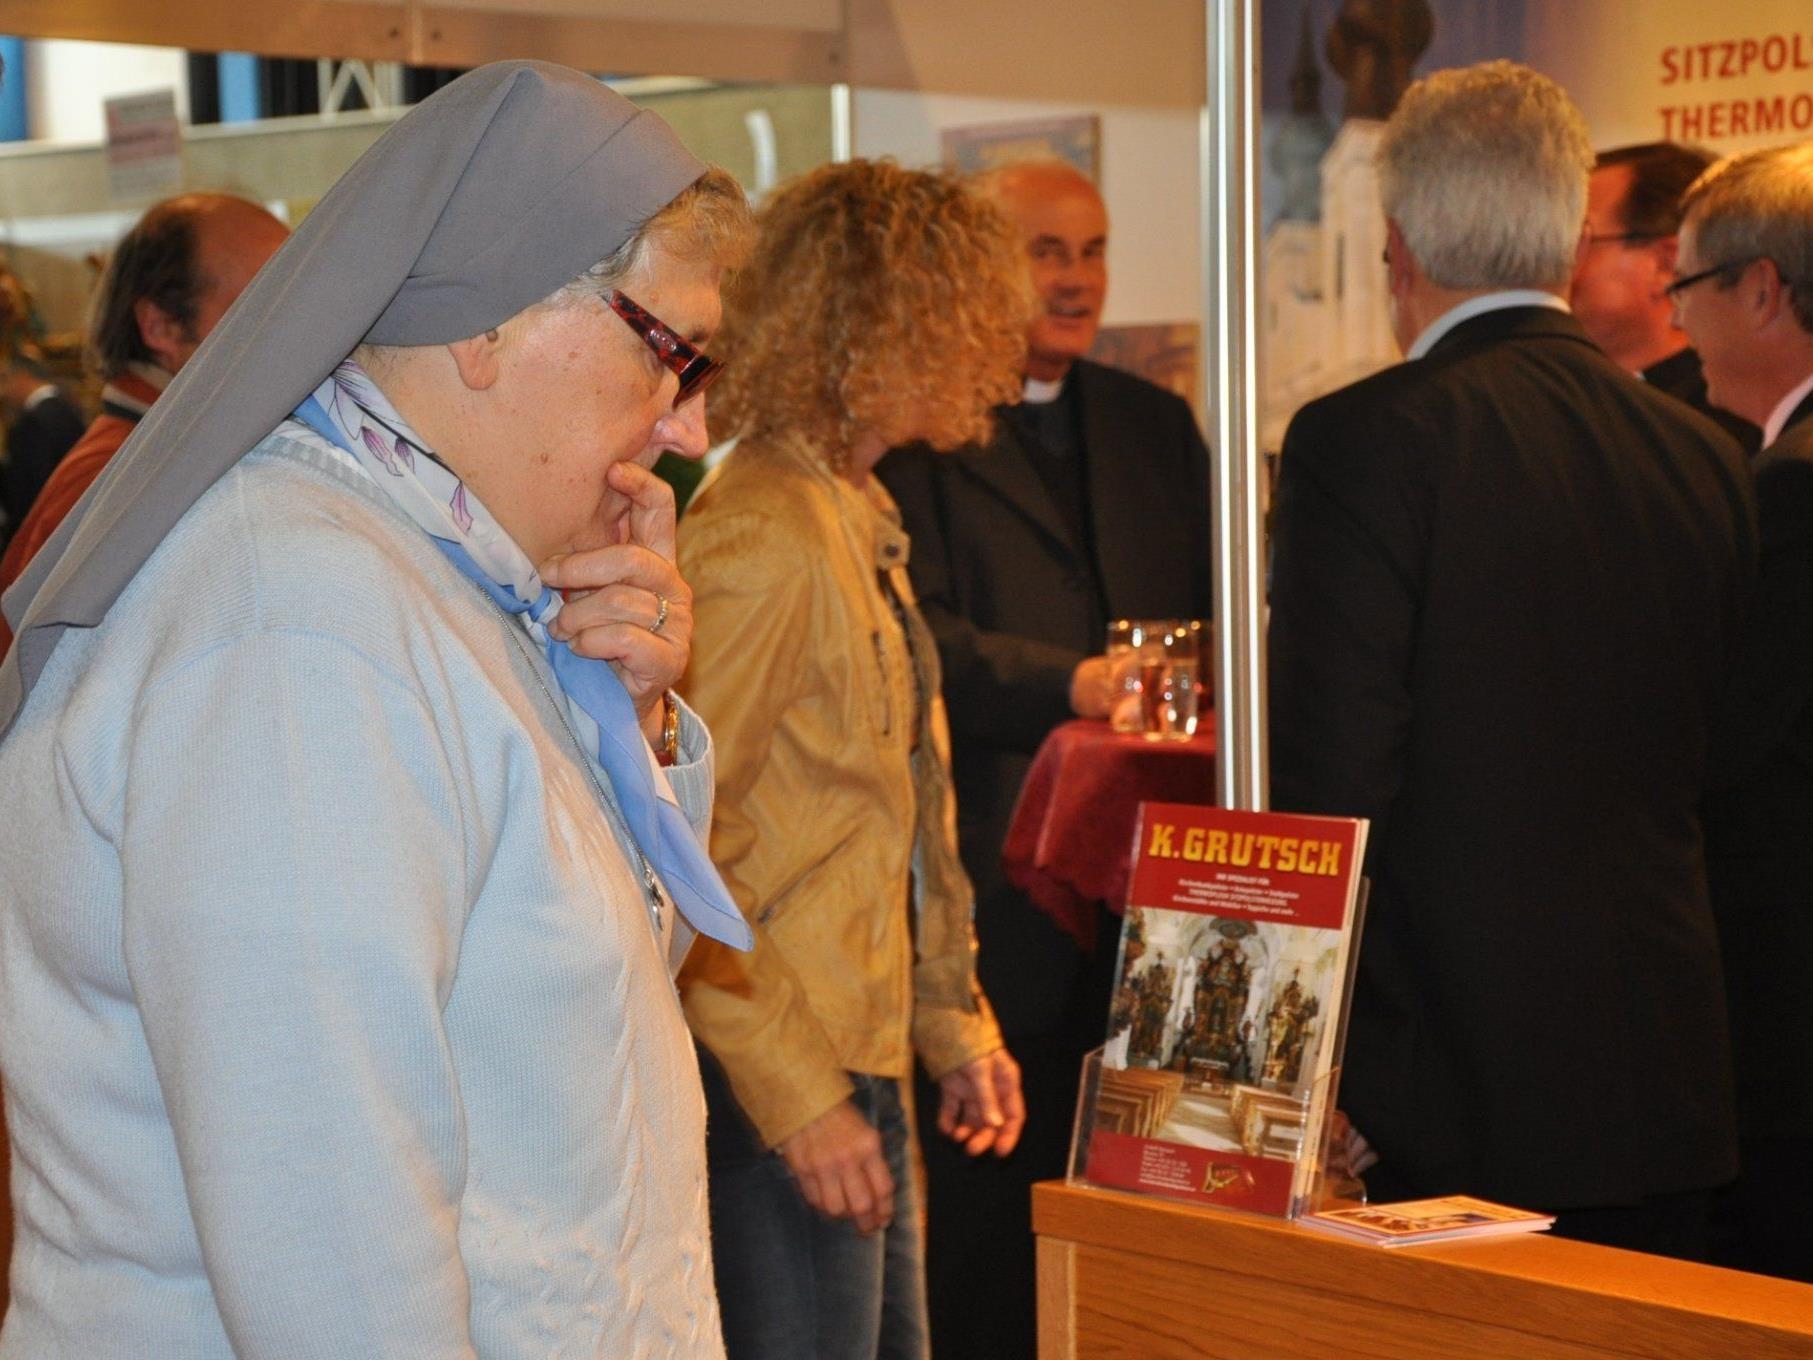 Die GLORIA spricht Fachpublikum sowie christlich interessierte Besucher an.